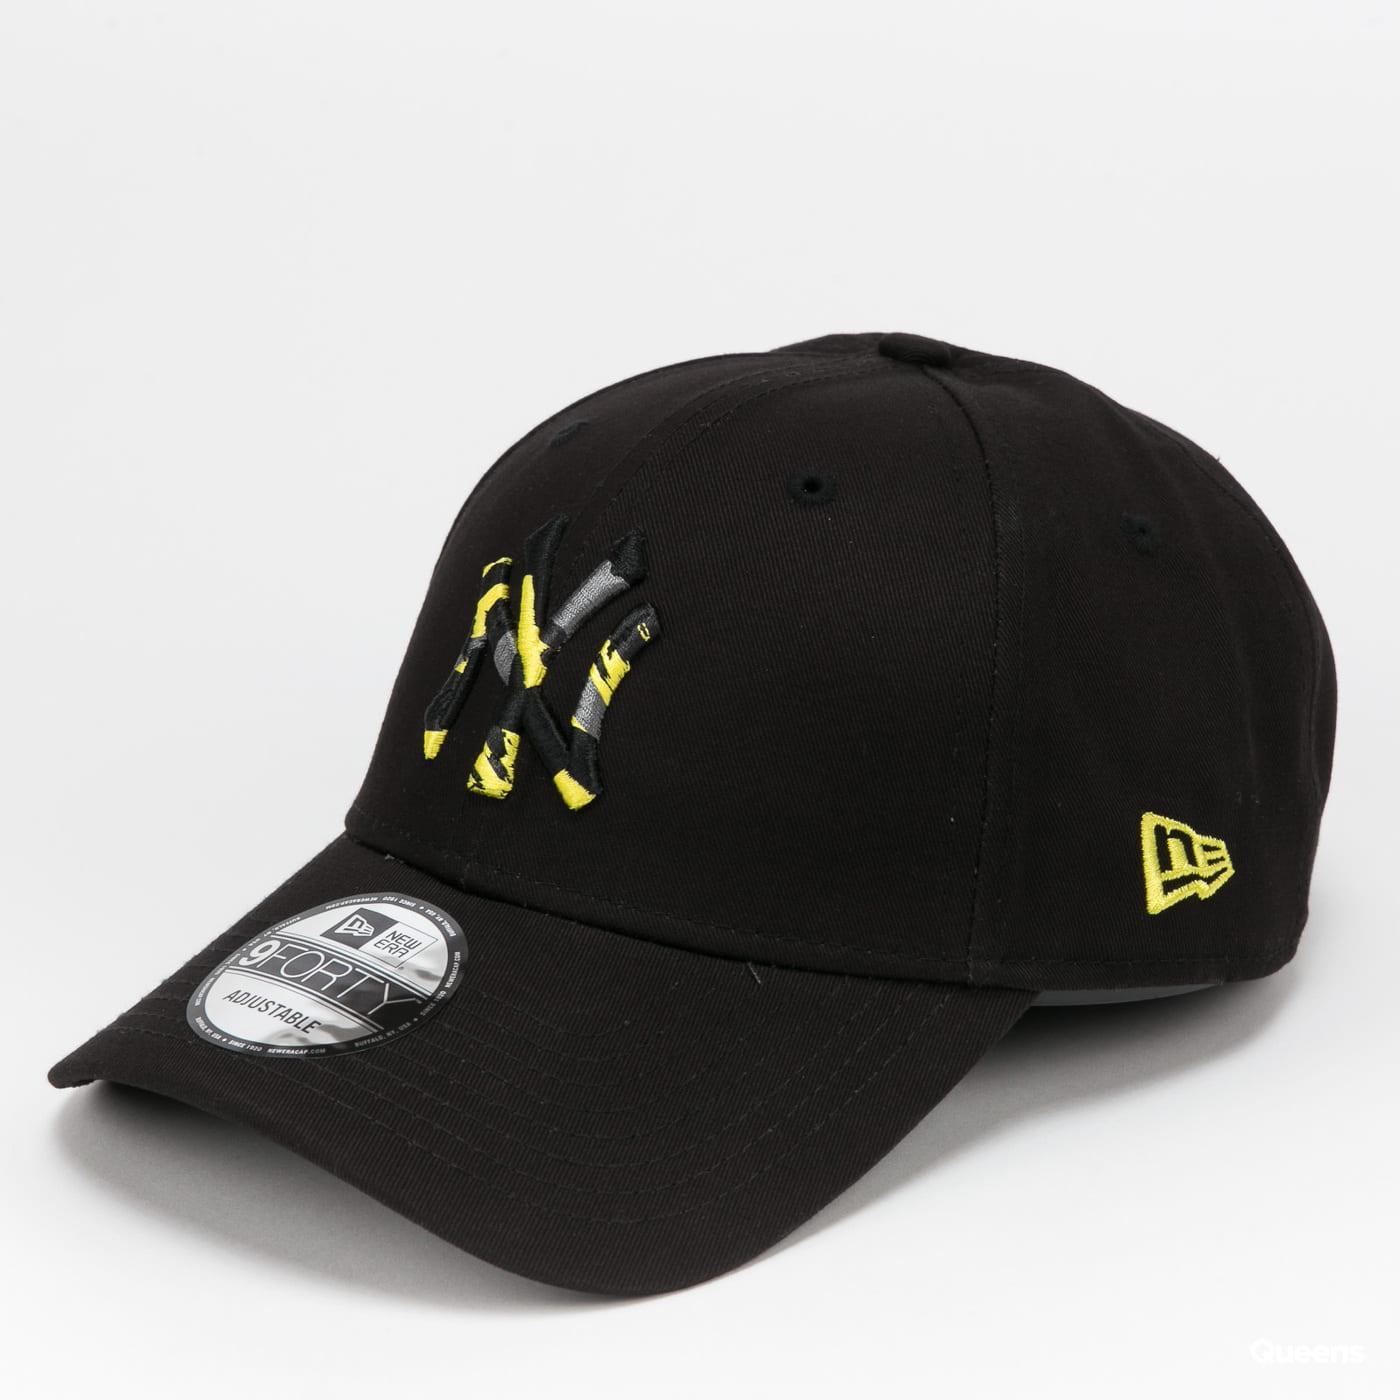 New Era 940 MLB Camo Infill NY gray / beige / pink / black